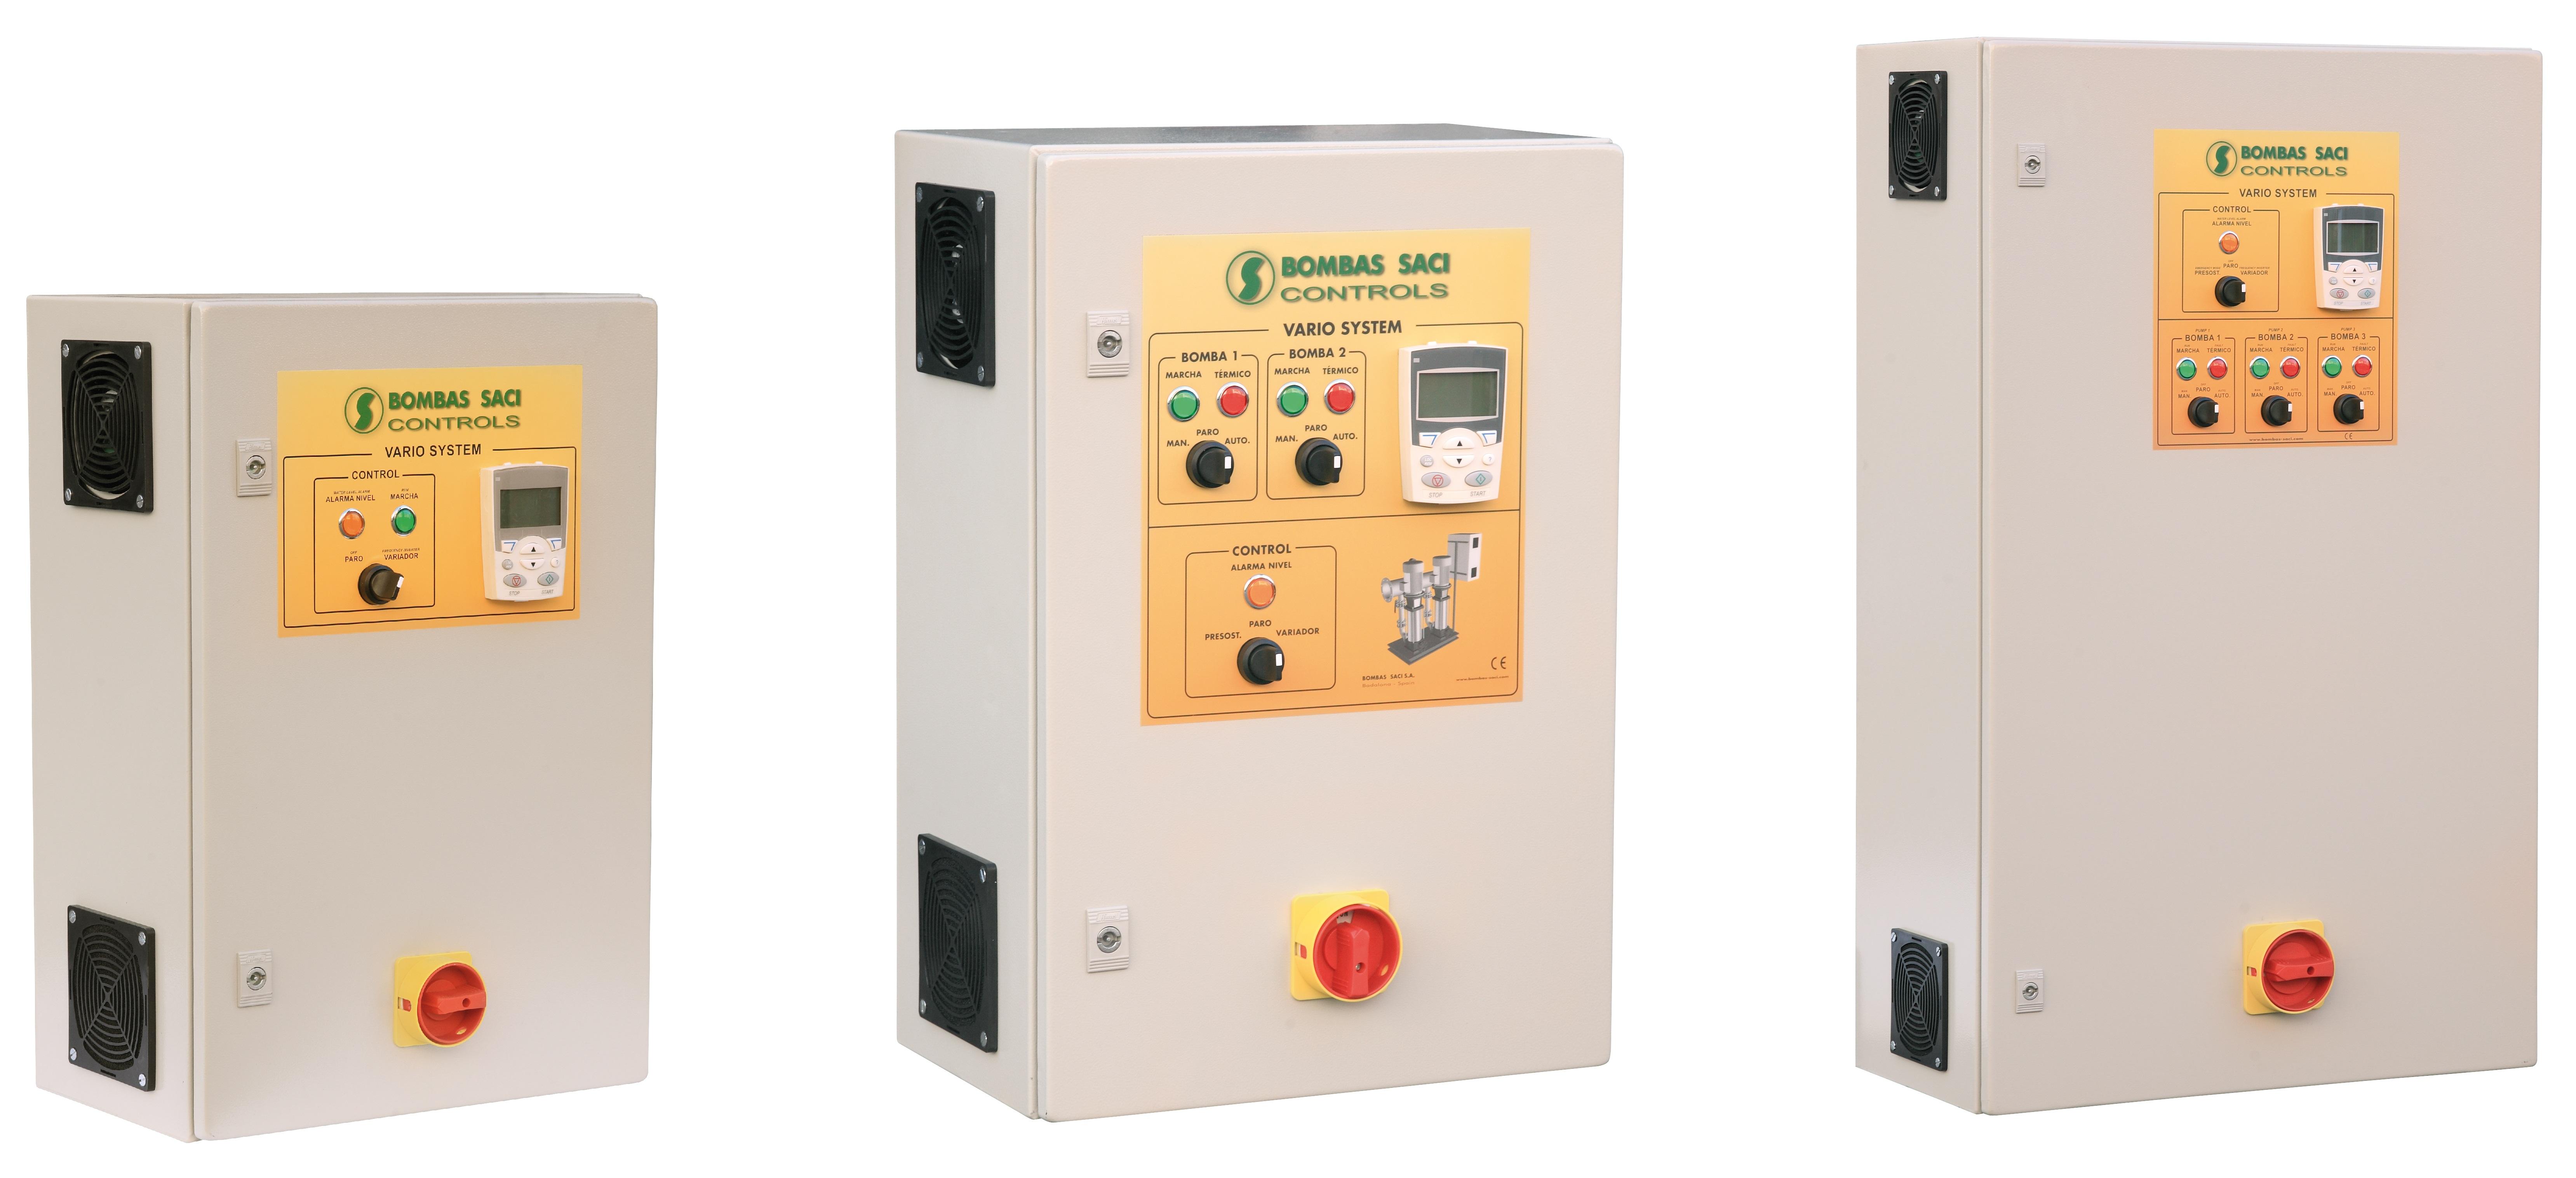 Circuito Variador De Frecuencia : Variador de frecuencia cuadros electricos bombas saci